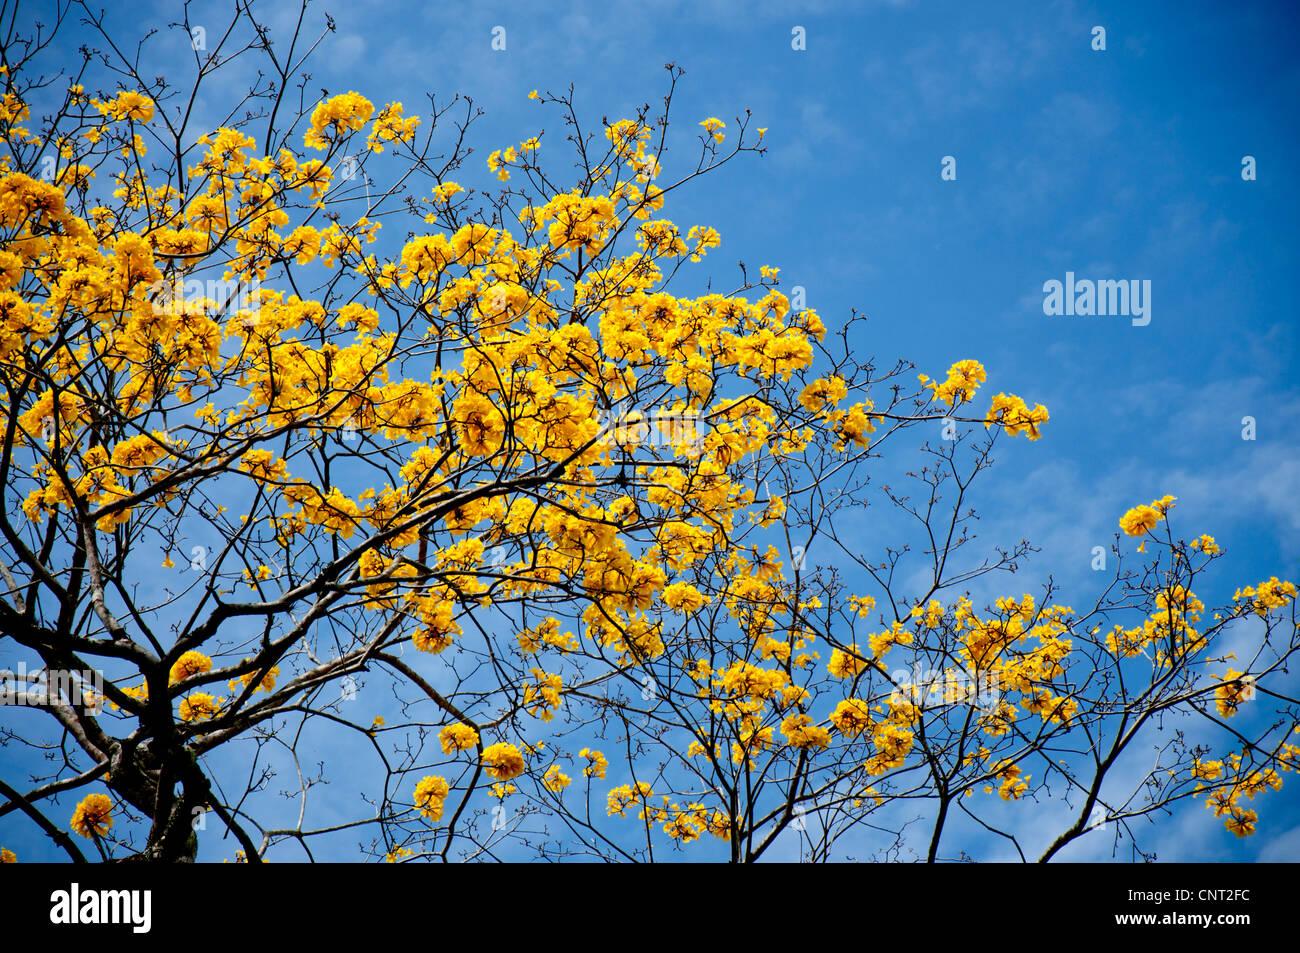 Arbol Con Flores Amarillas Pequenas